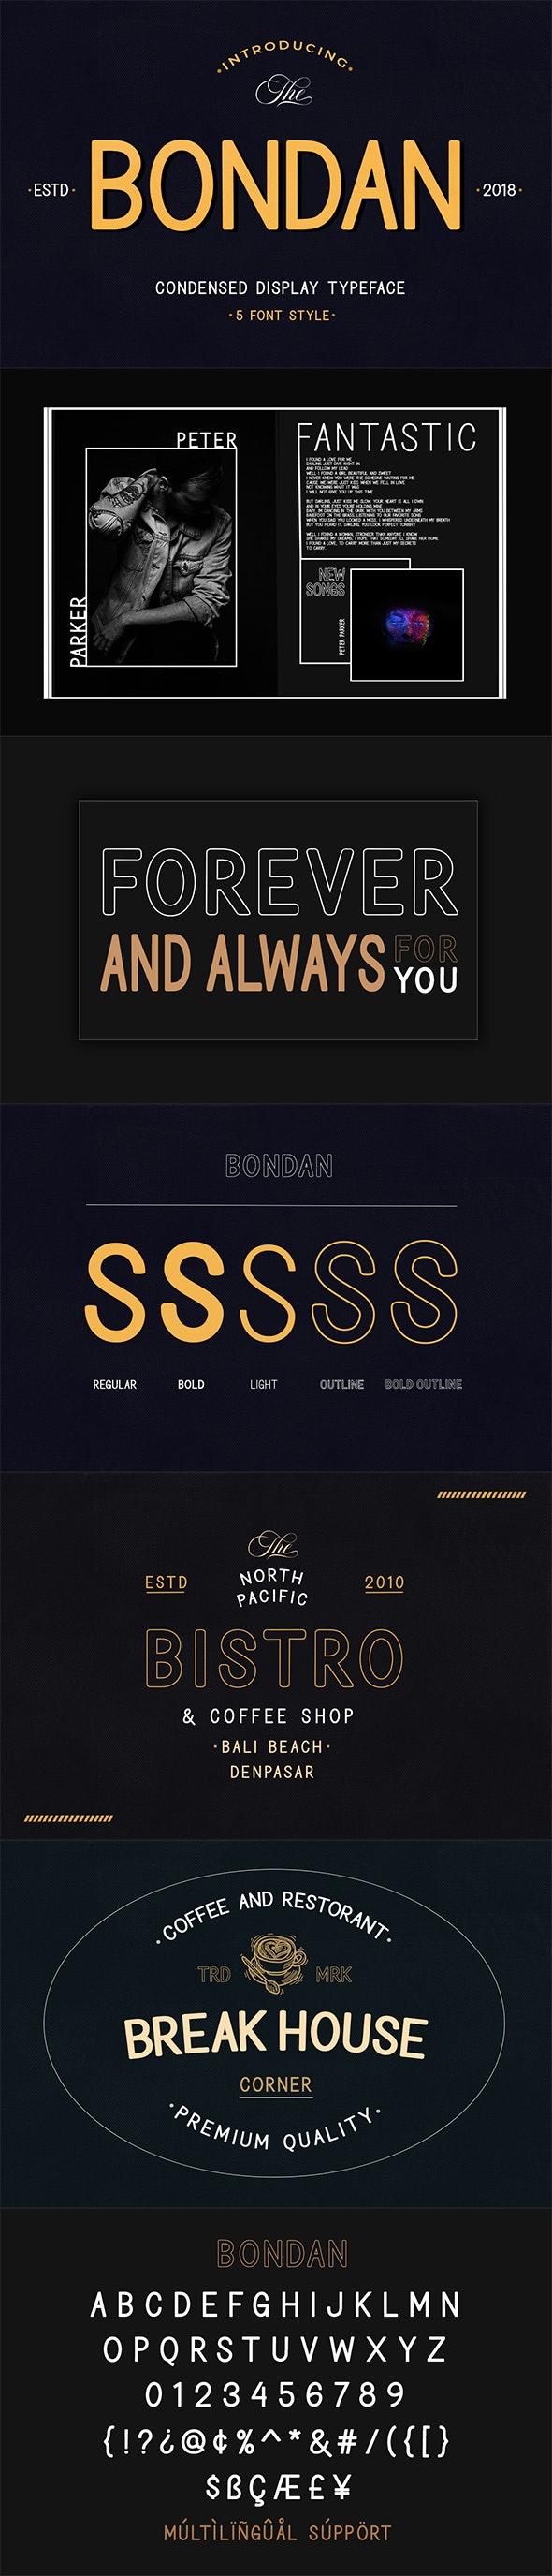 Bondan Typeface - Sans-Serif Fonts